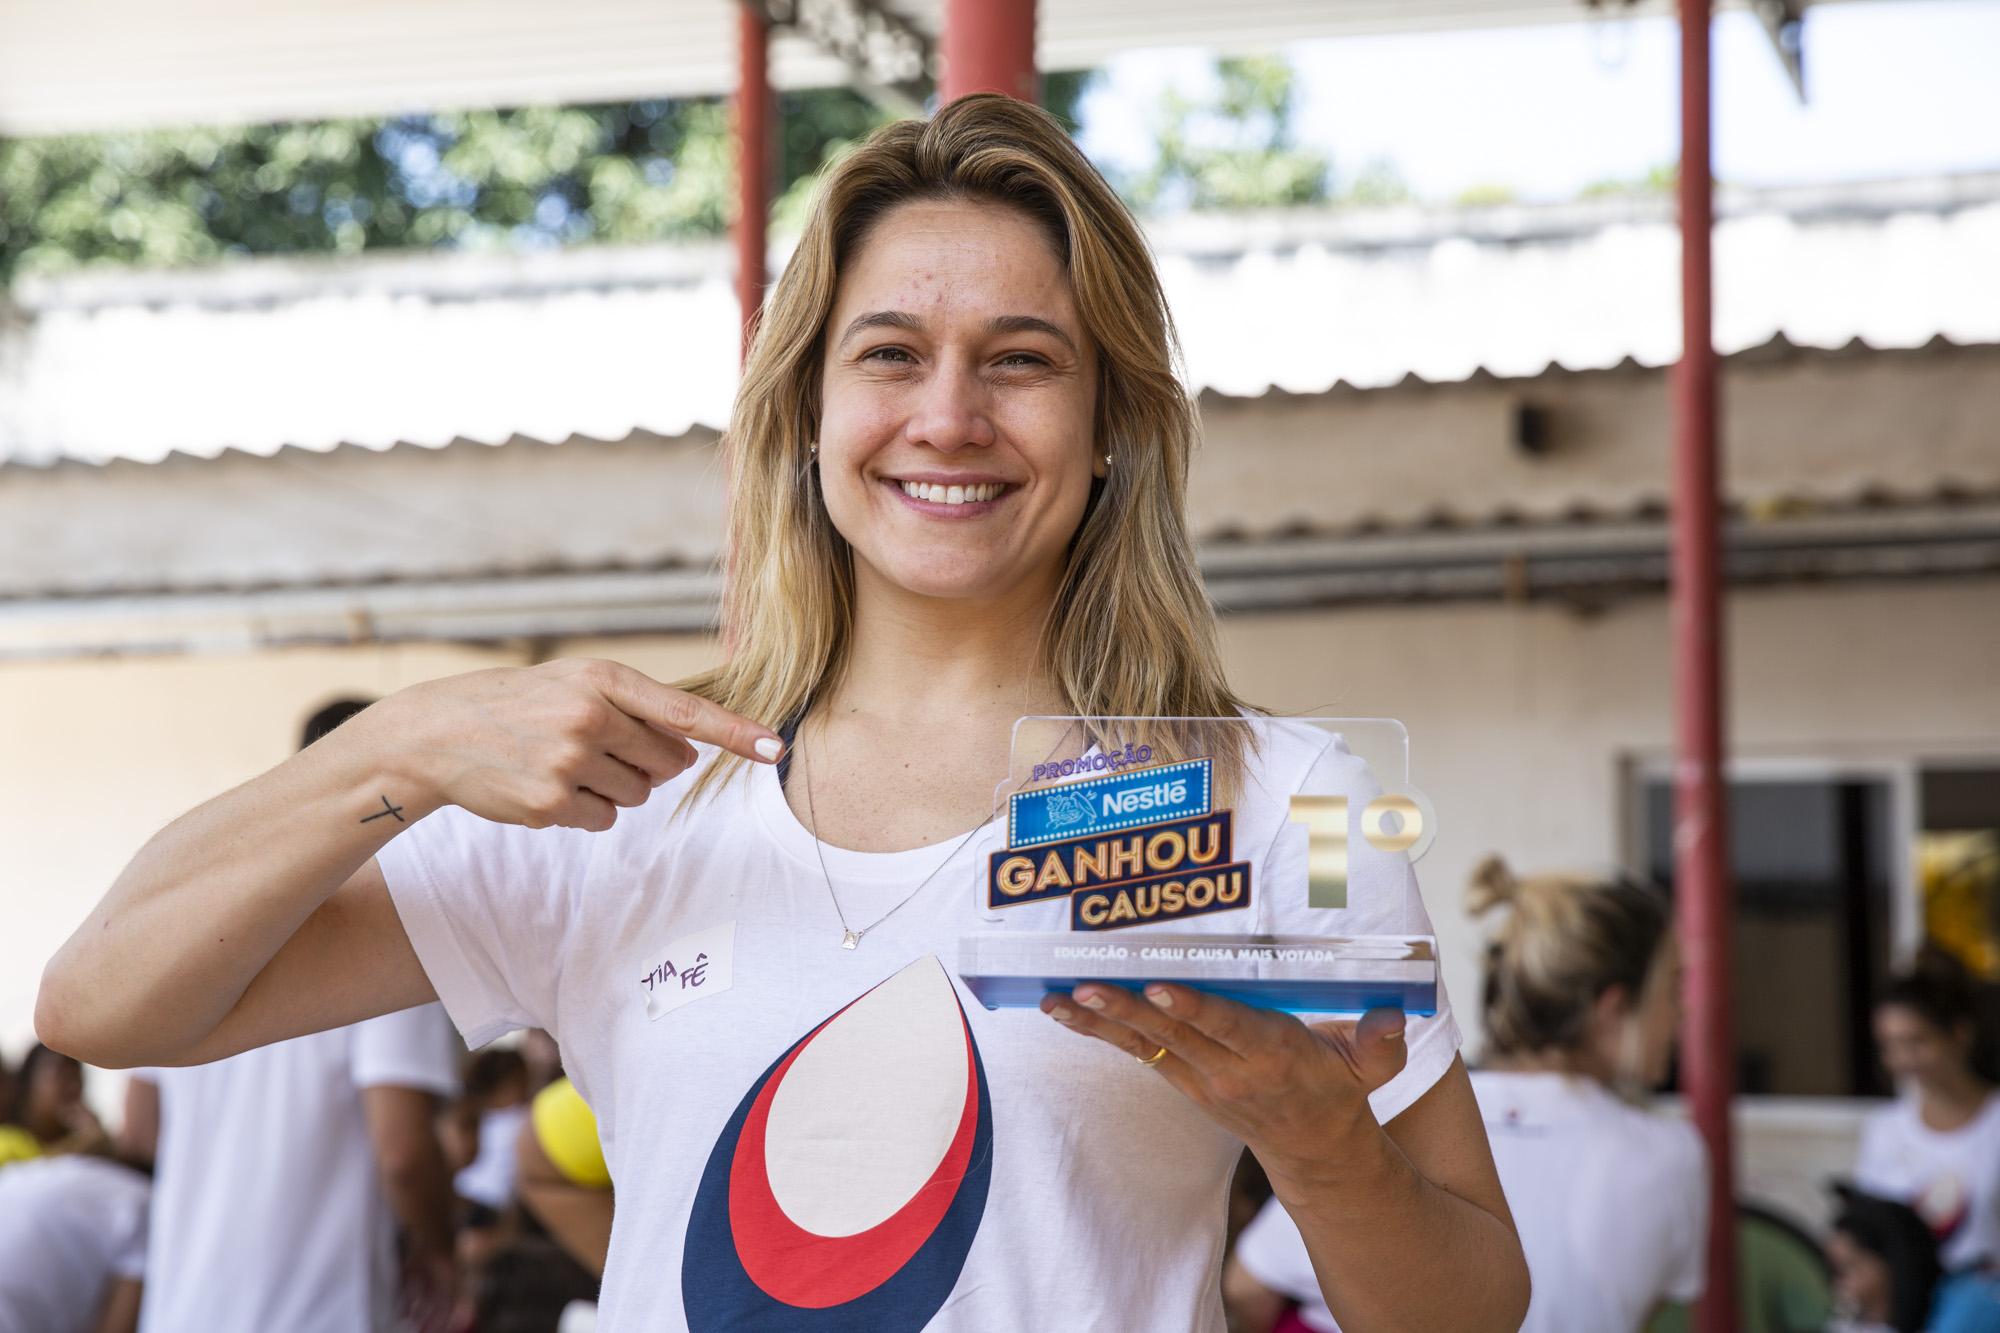 Causa da Educação, representada por Fernanda Gentil,é a grande vencedora da promoçãoGanhou, Causouda Nestlé 1